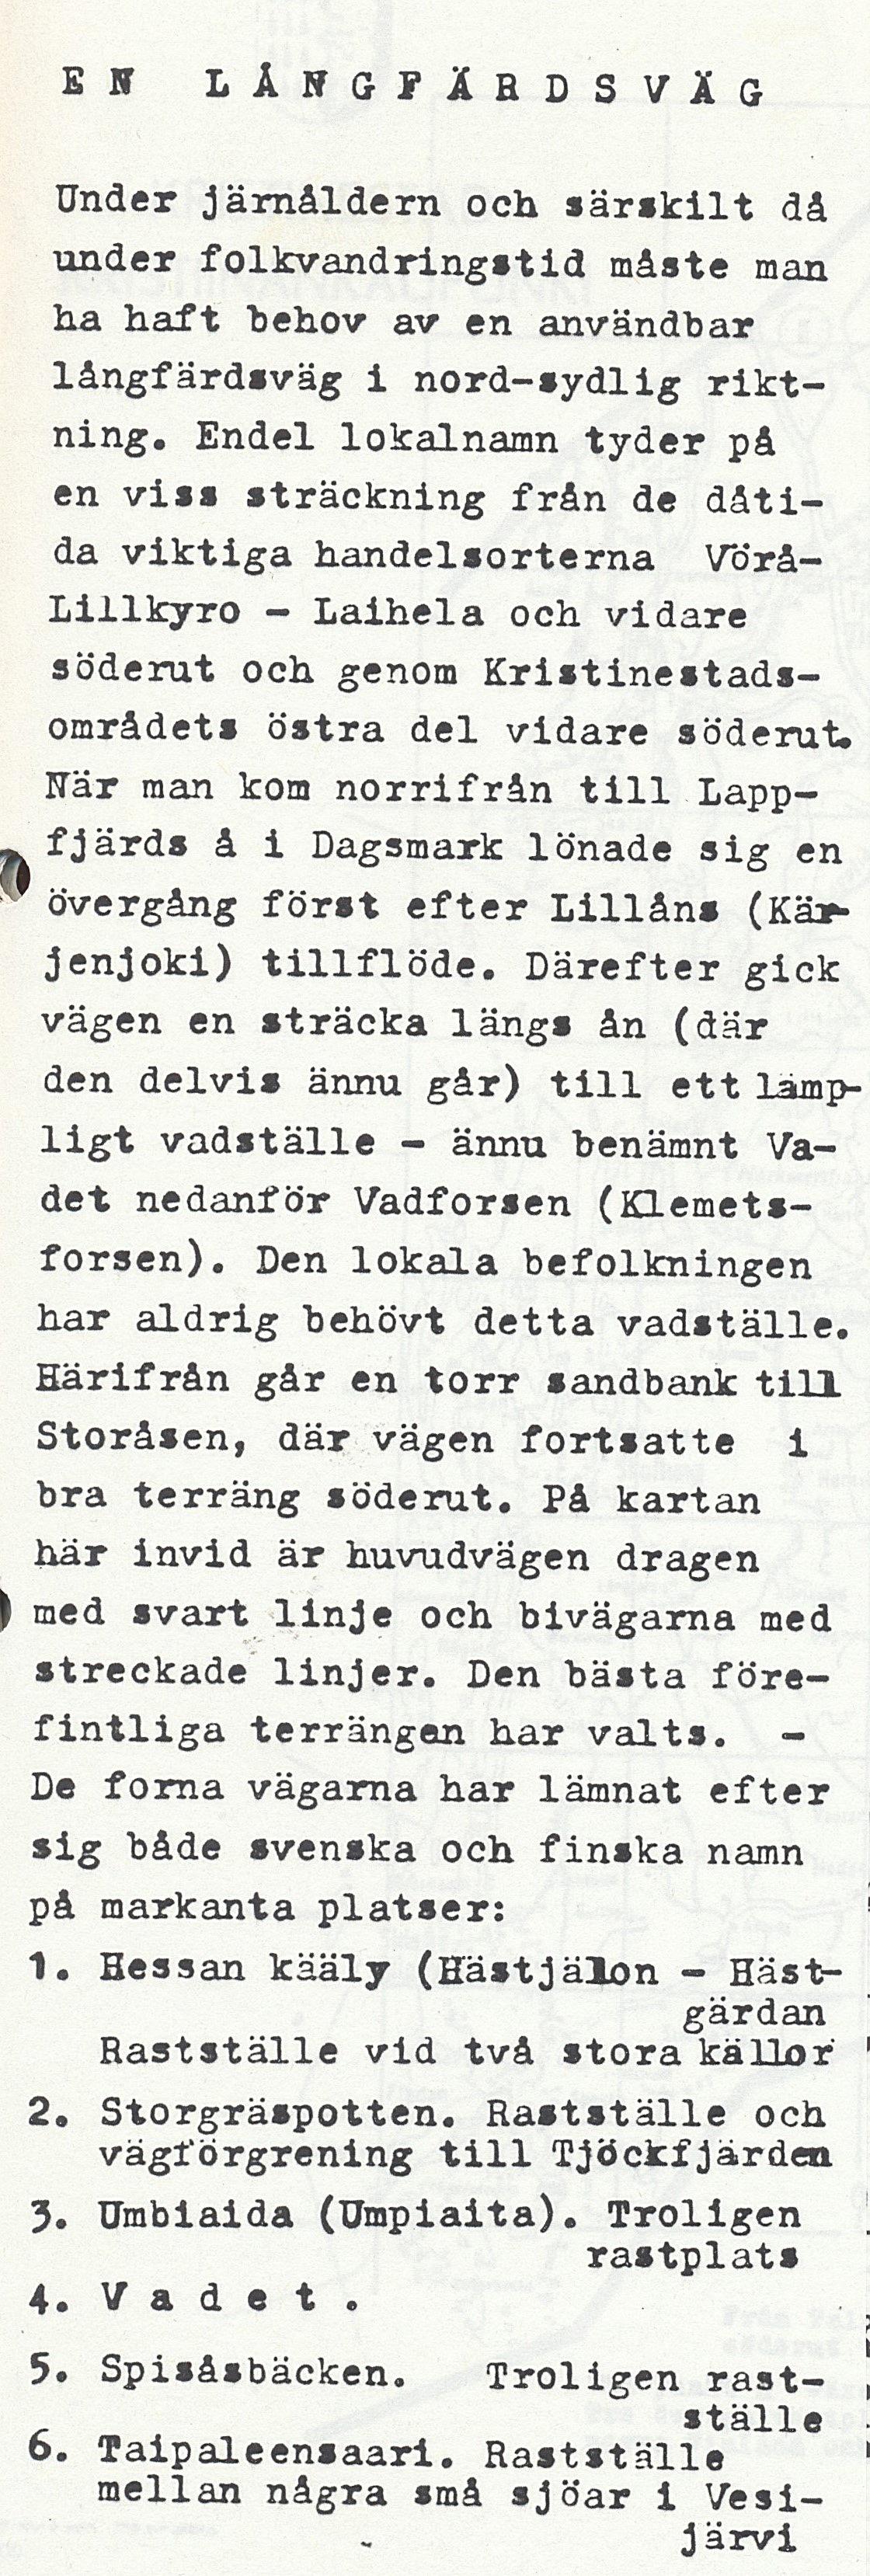 Forntidsforskaren Rurik Nylund har genom att granska terrängen kommit till att det i tiderna gick en landsväg i nord-sydlig riktning genom Dagsmark.